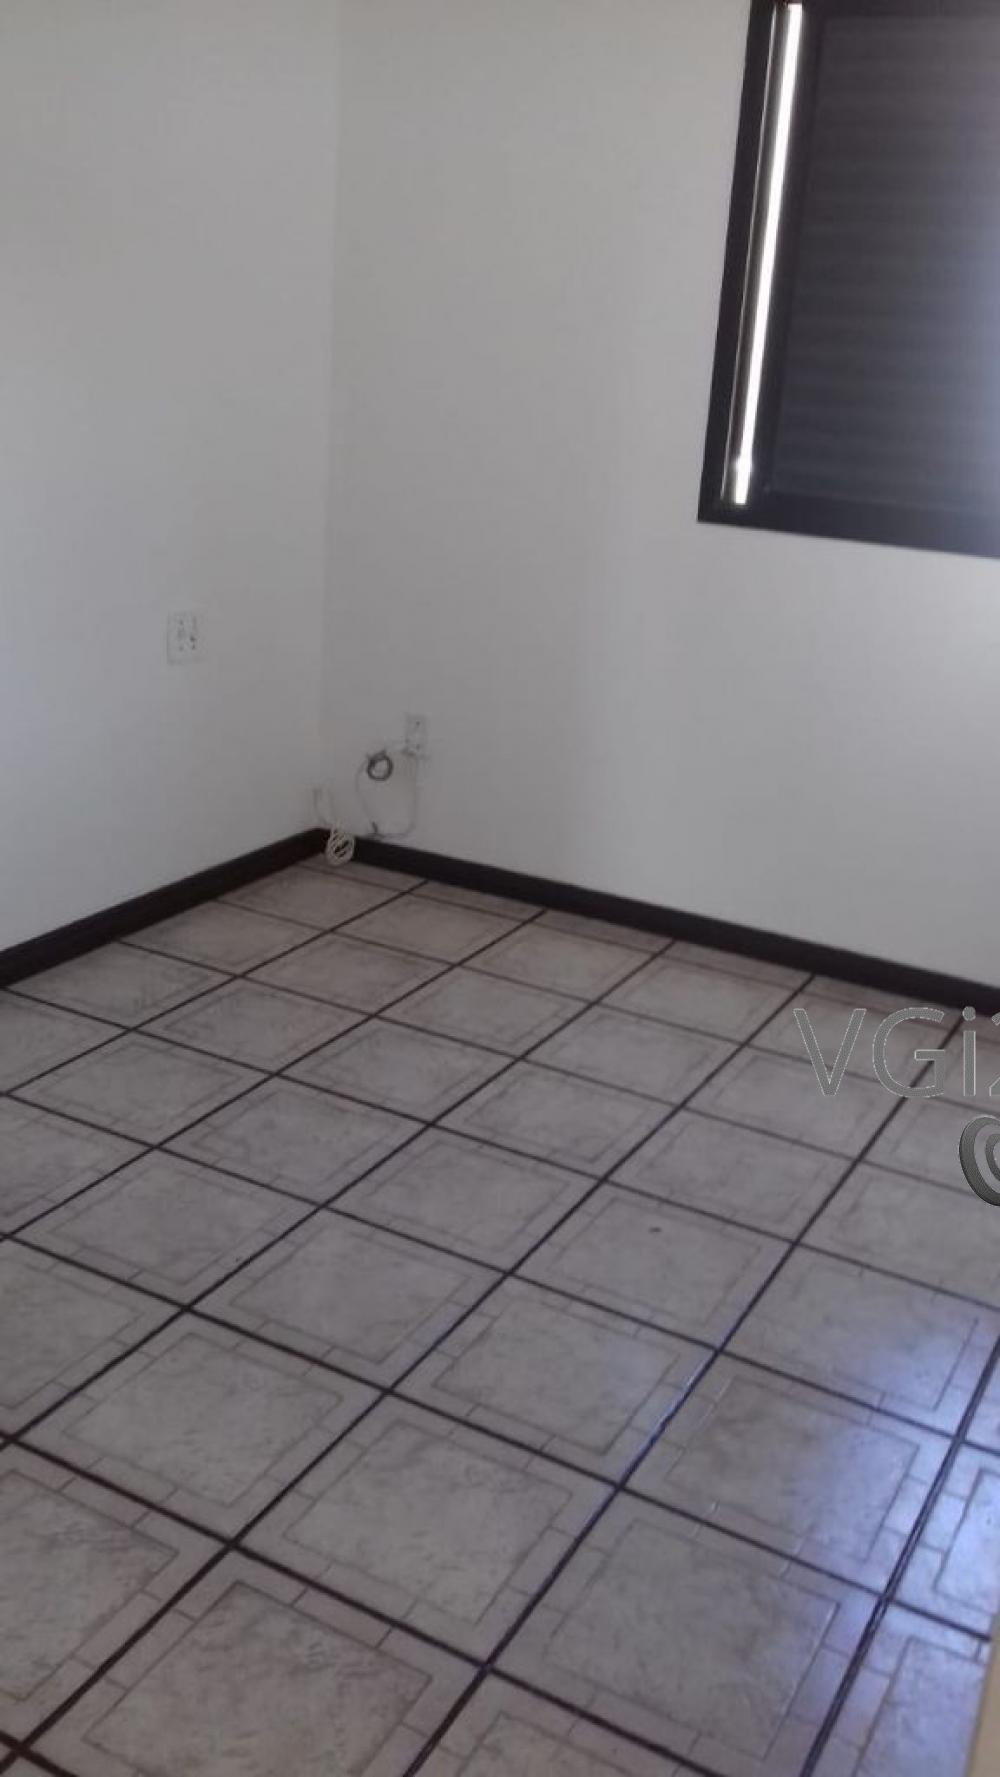 Alugar Apartamento / Padrão em Ribeirão Preto R$ 600,00 - Foto 7